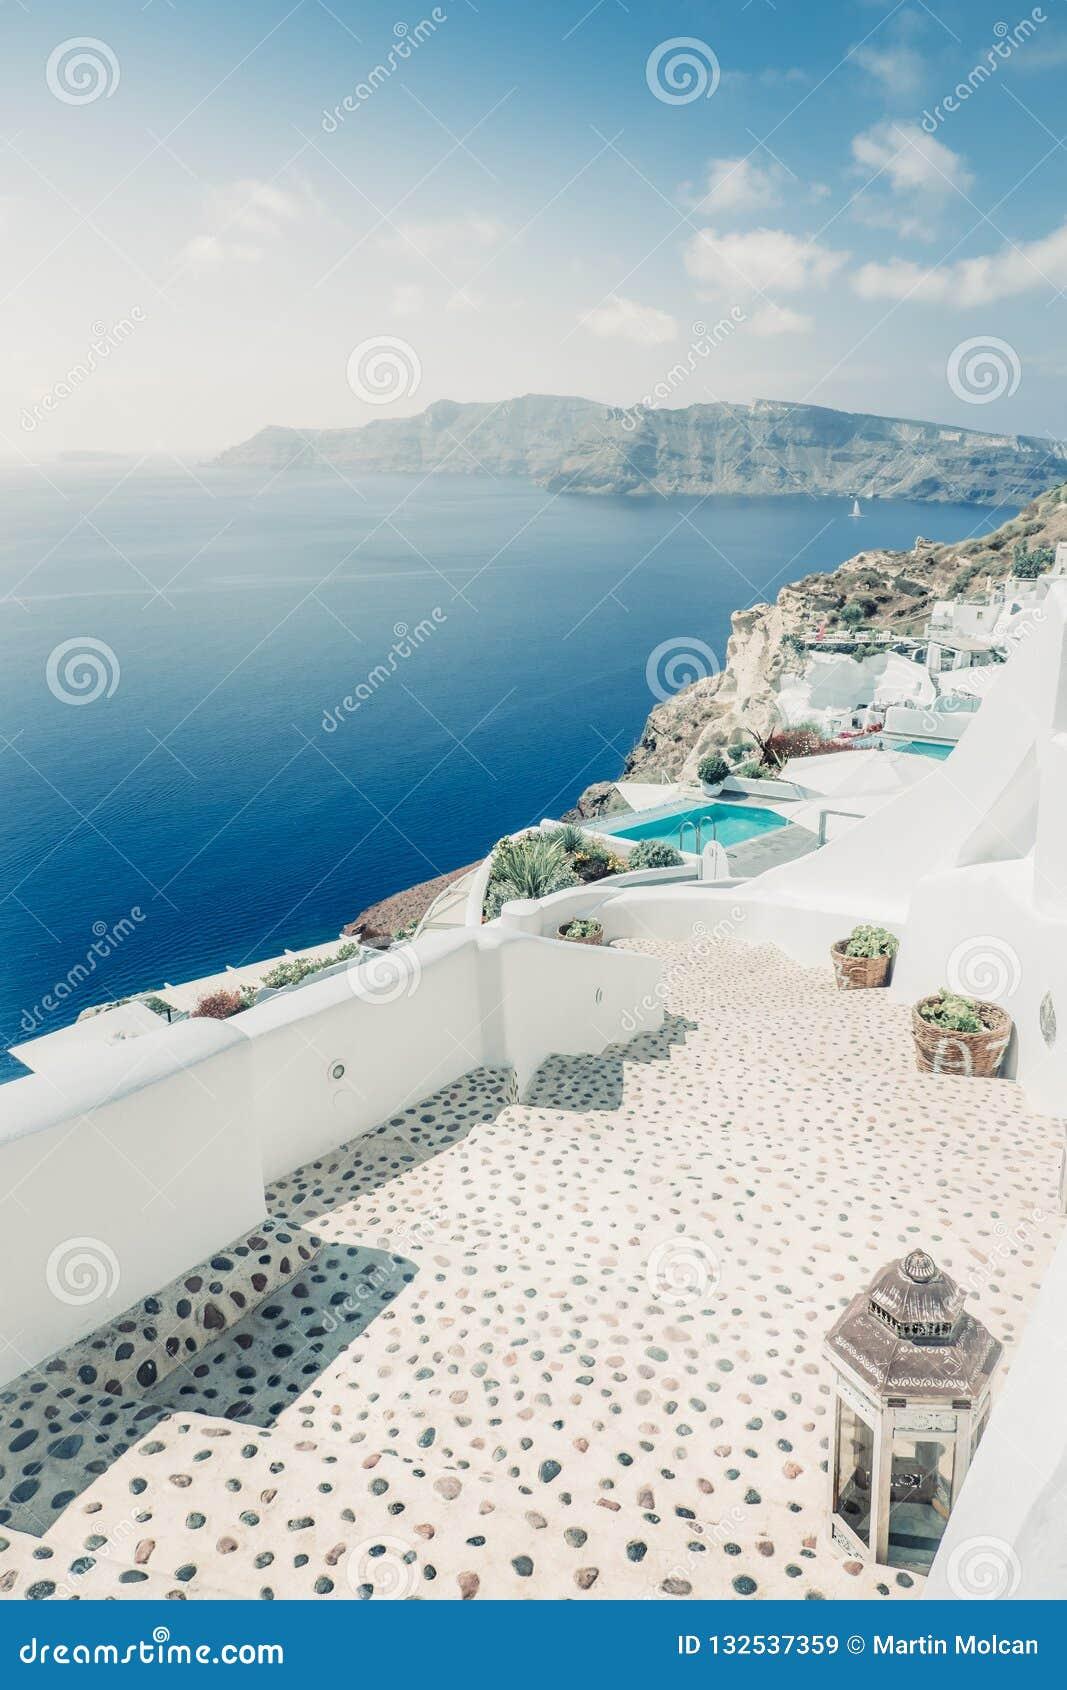 Toneelmening van heldere huizen en weg in romantisch cycladic dorp, Griekenland